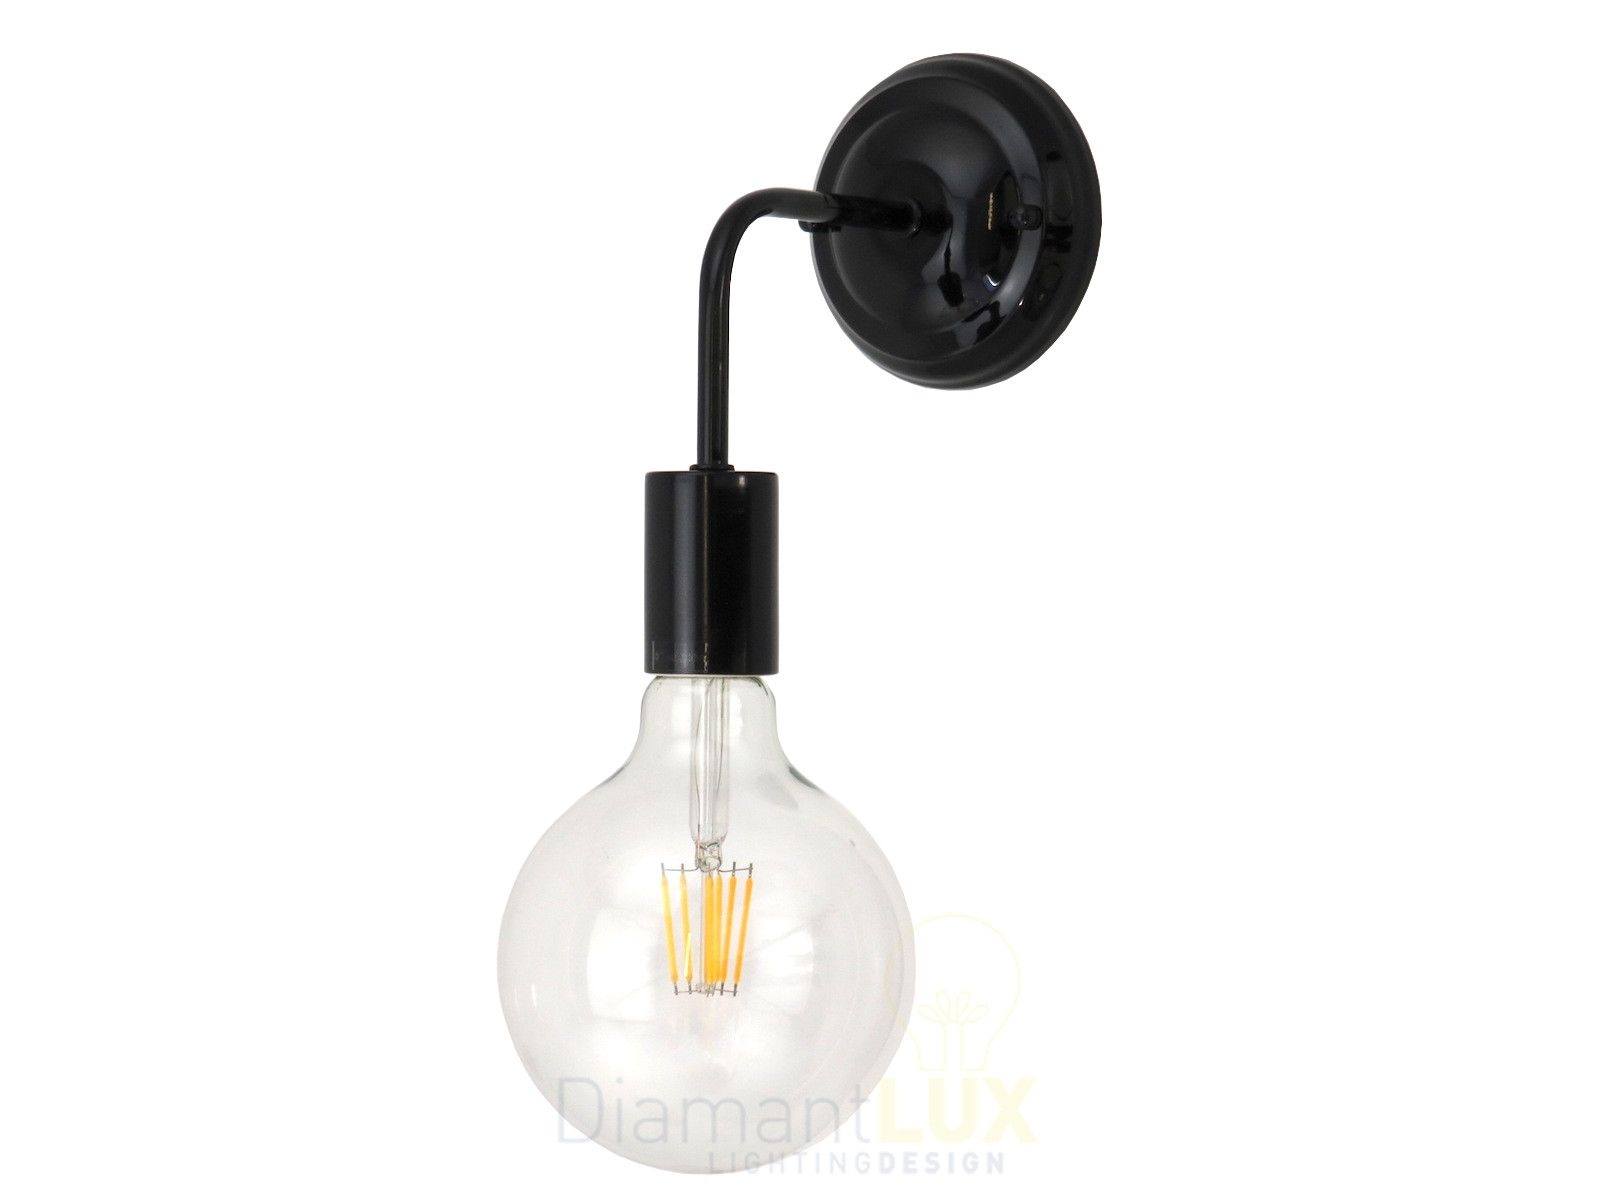 Applique moderno minimale nero con lampadina a led a filamento